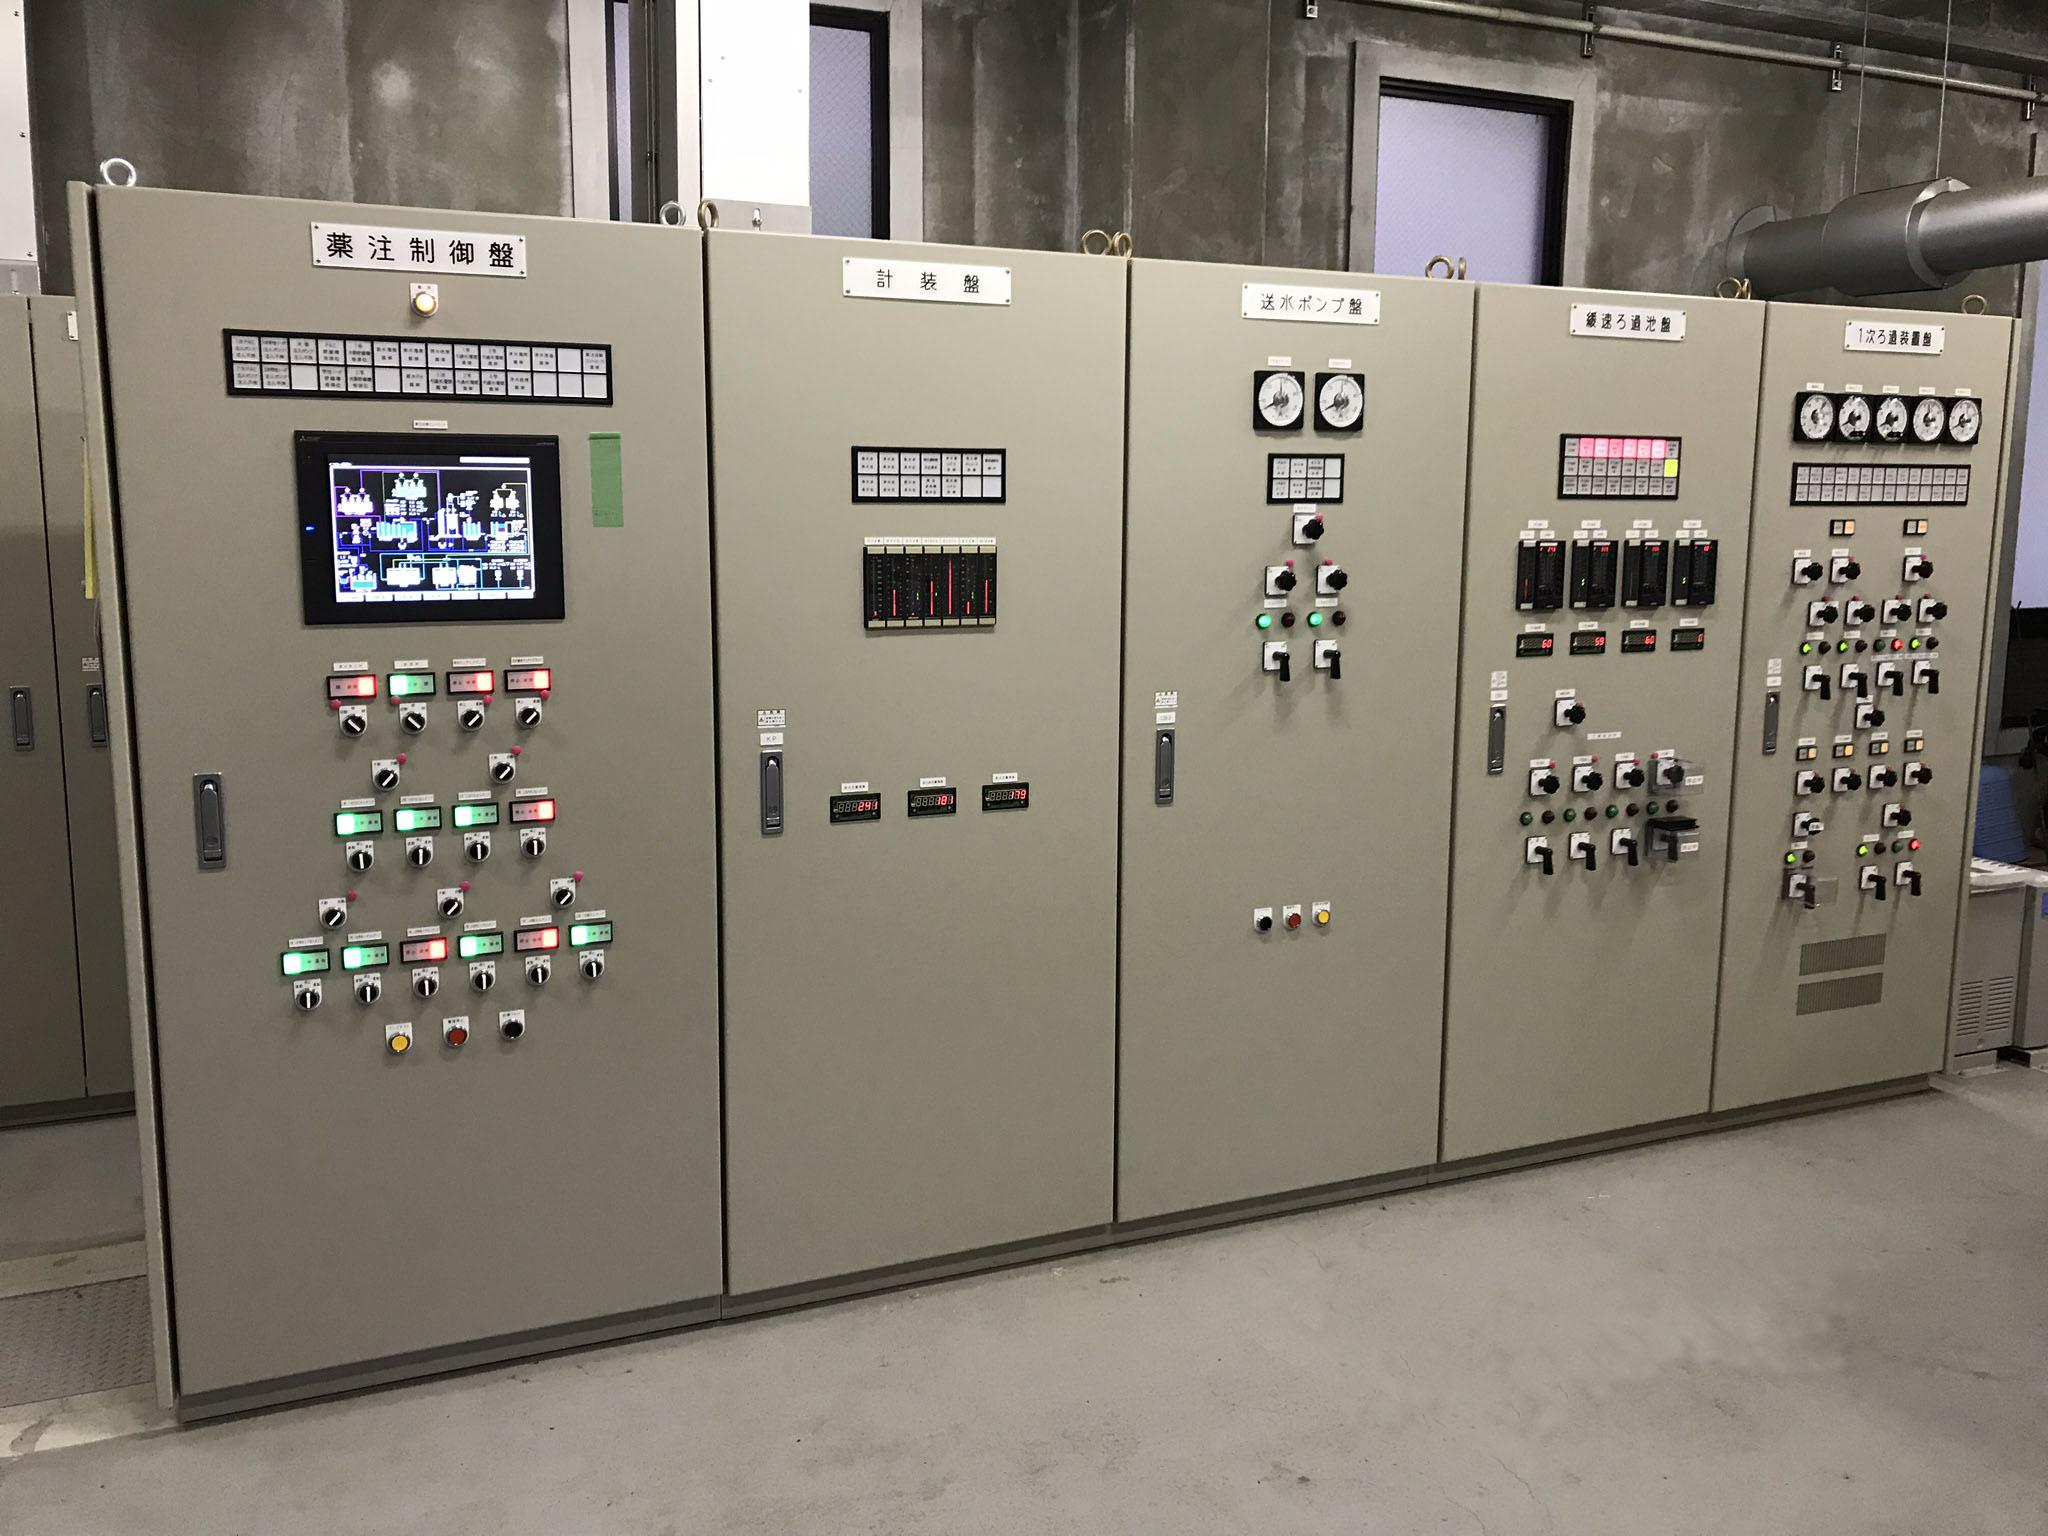 浄水場 監視・制御装置及び制御盤の据付配線、既設制御盤の機能増設作業を実施しました。